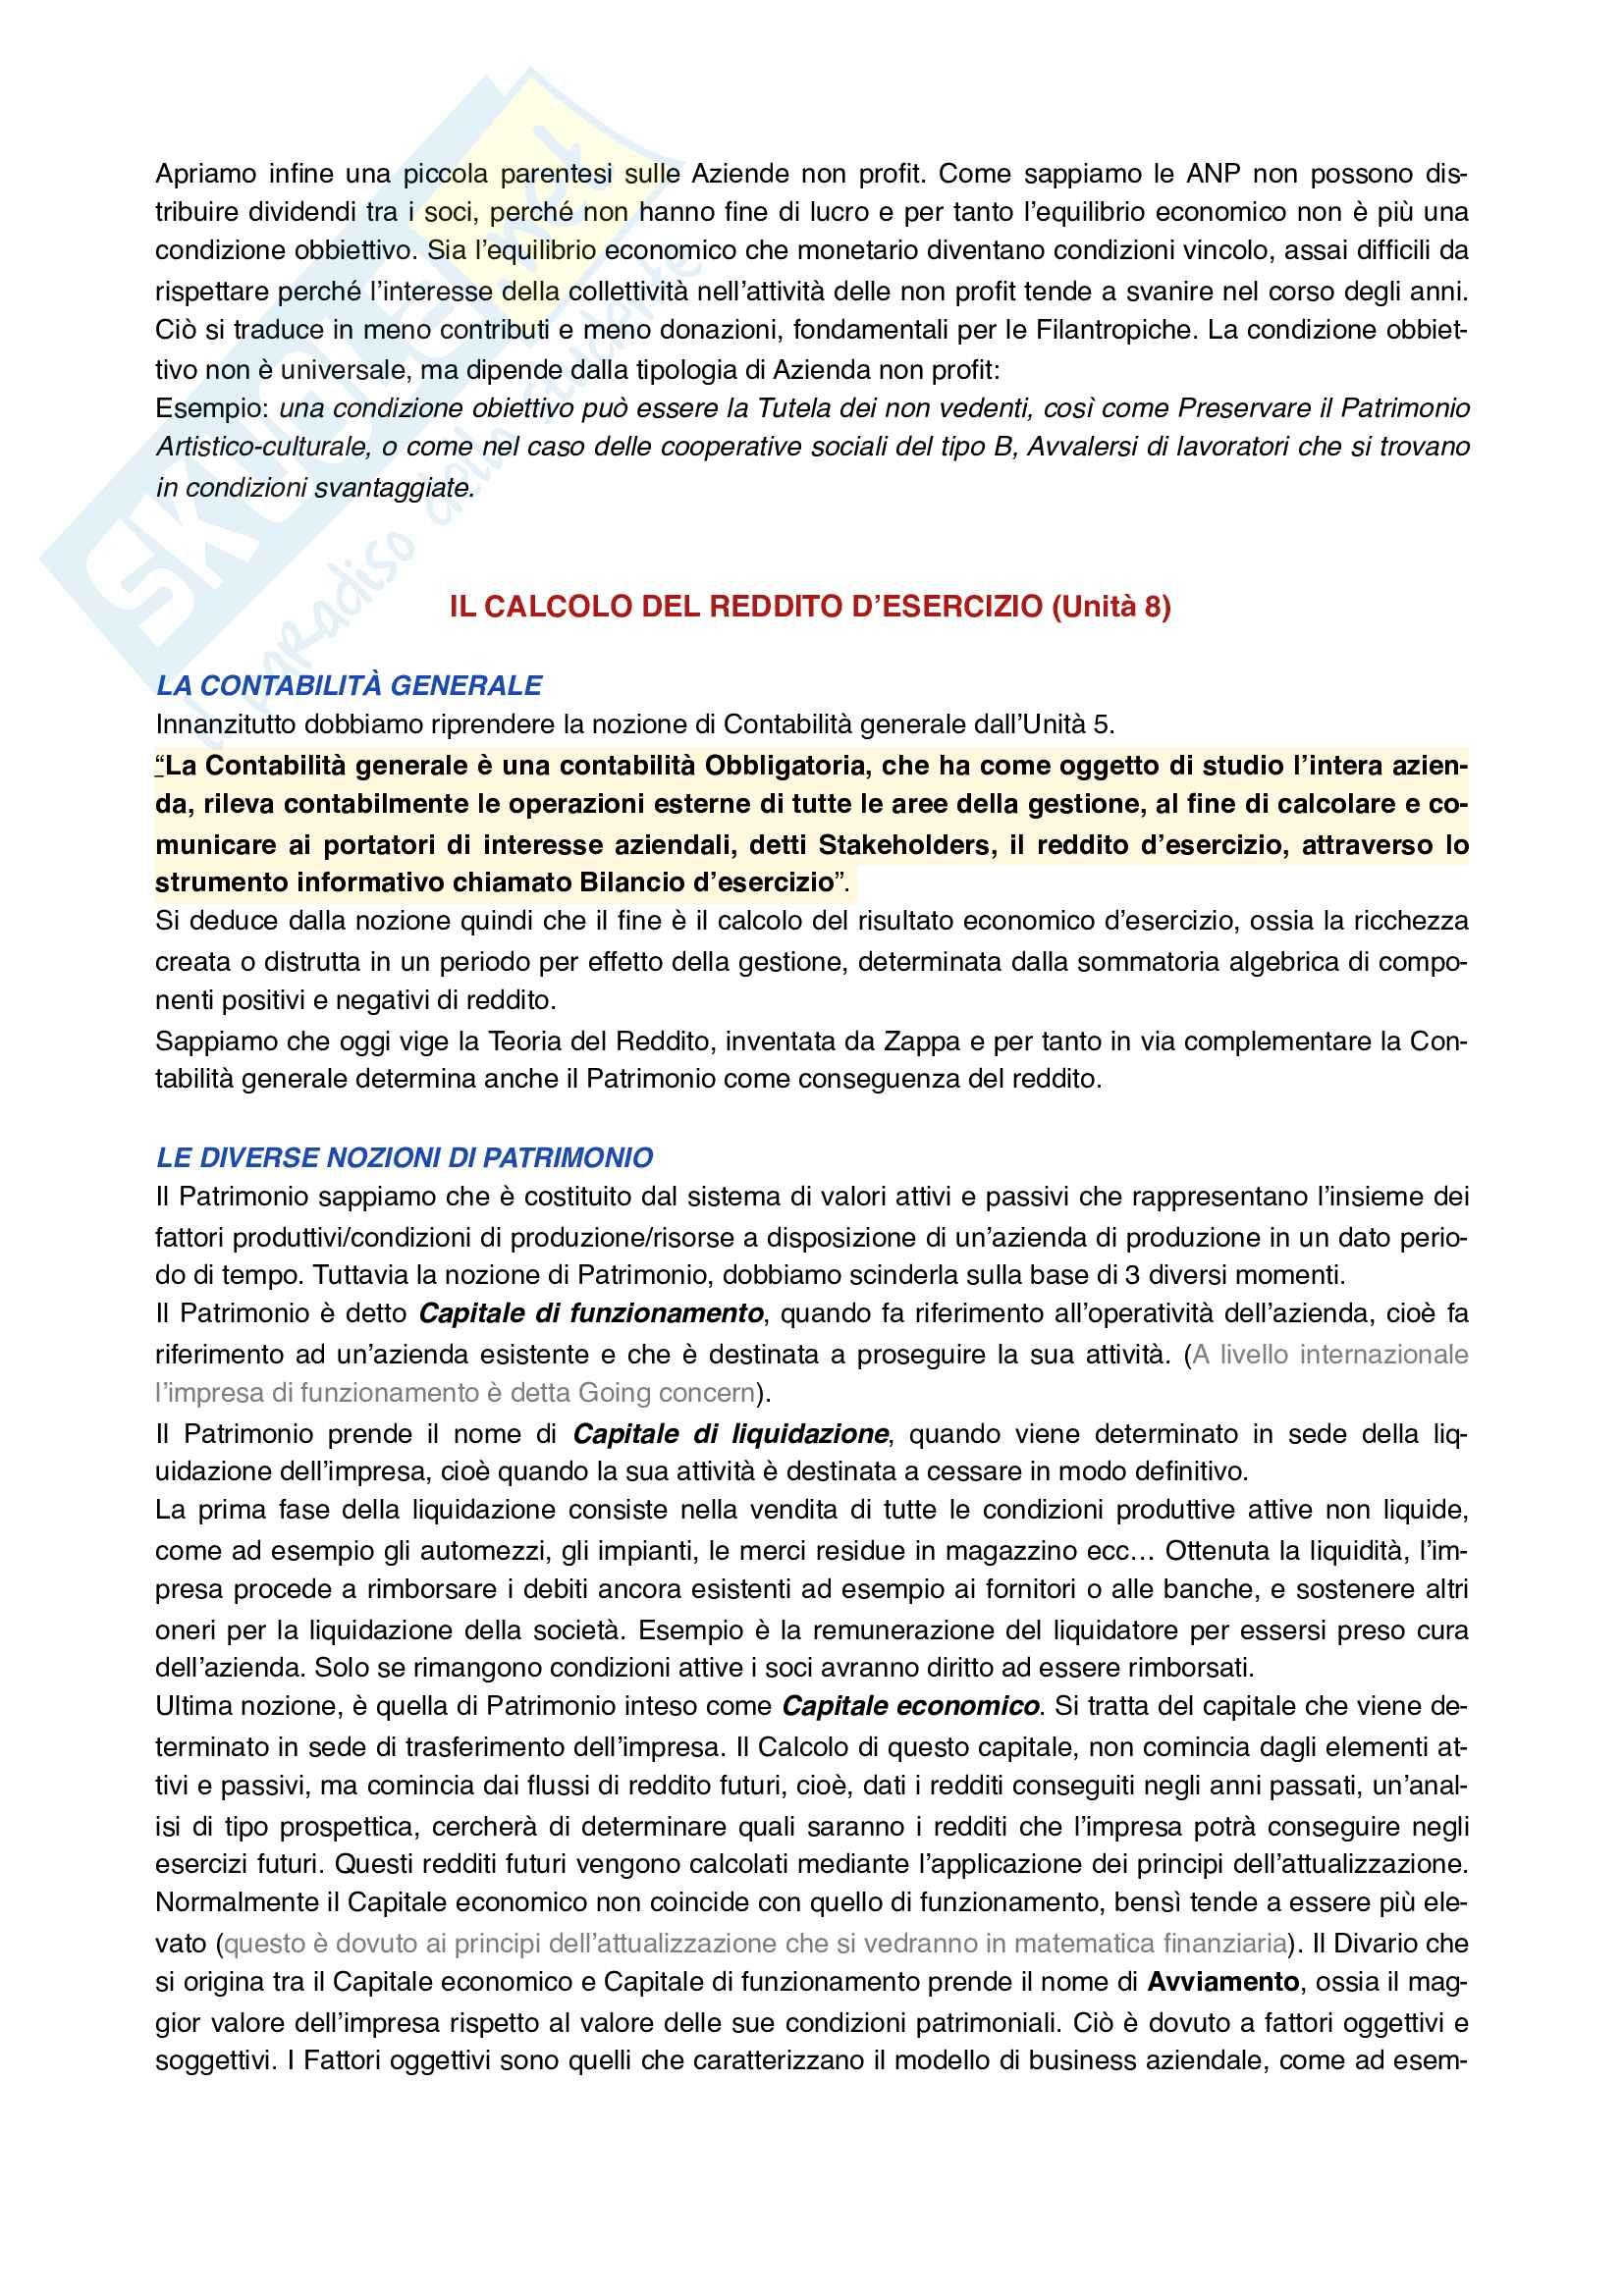 Economia aziendale secondo parziale Pag. 2